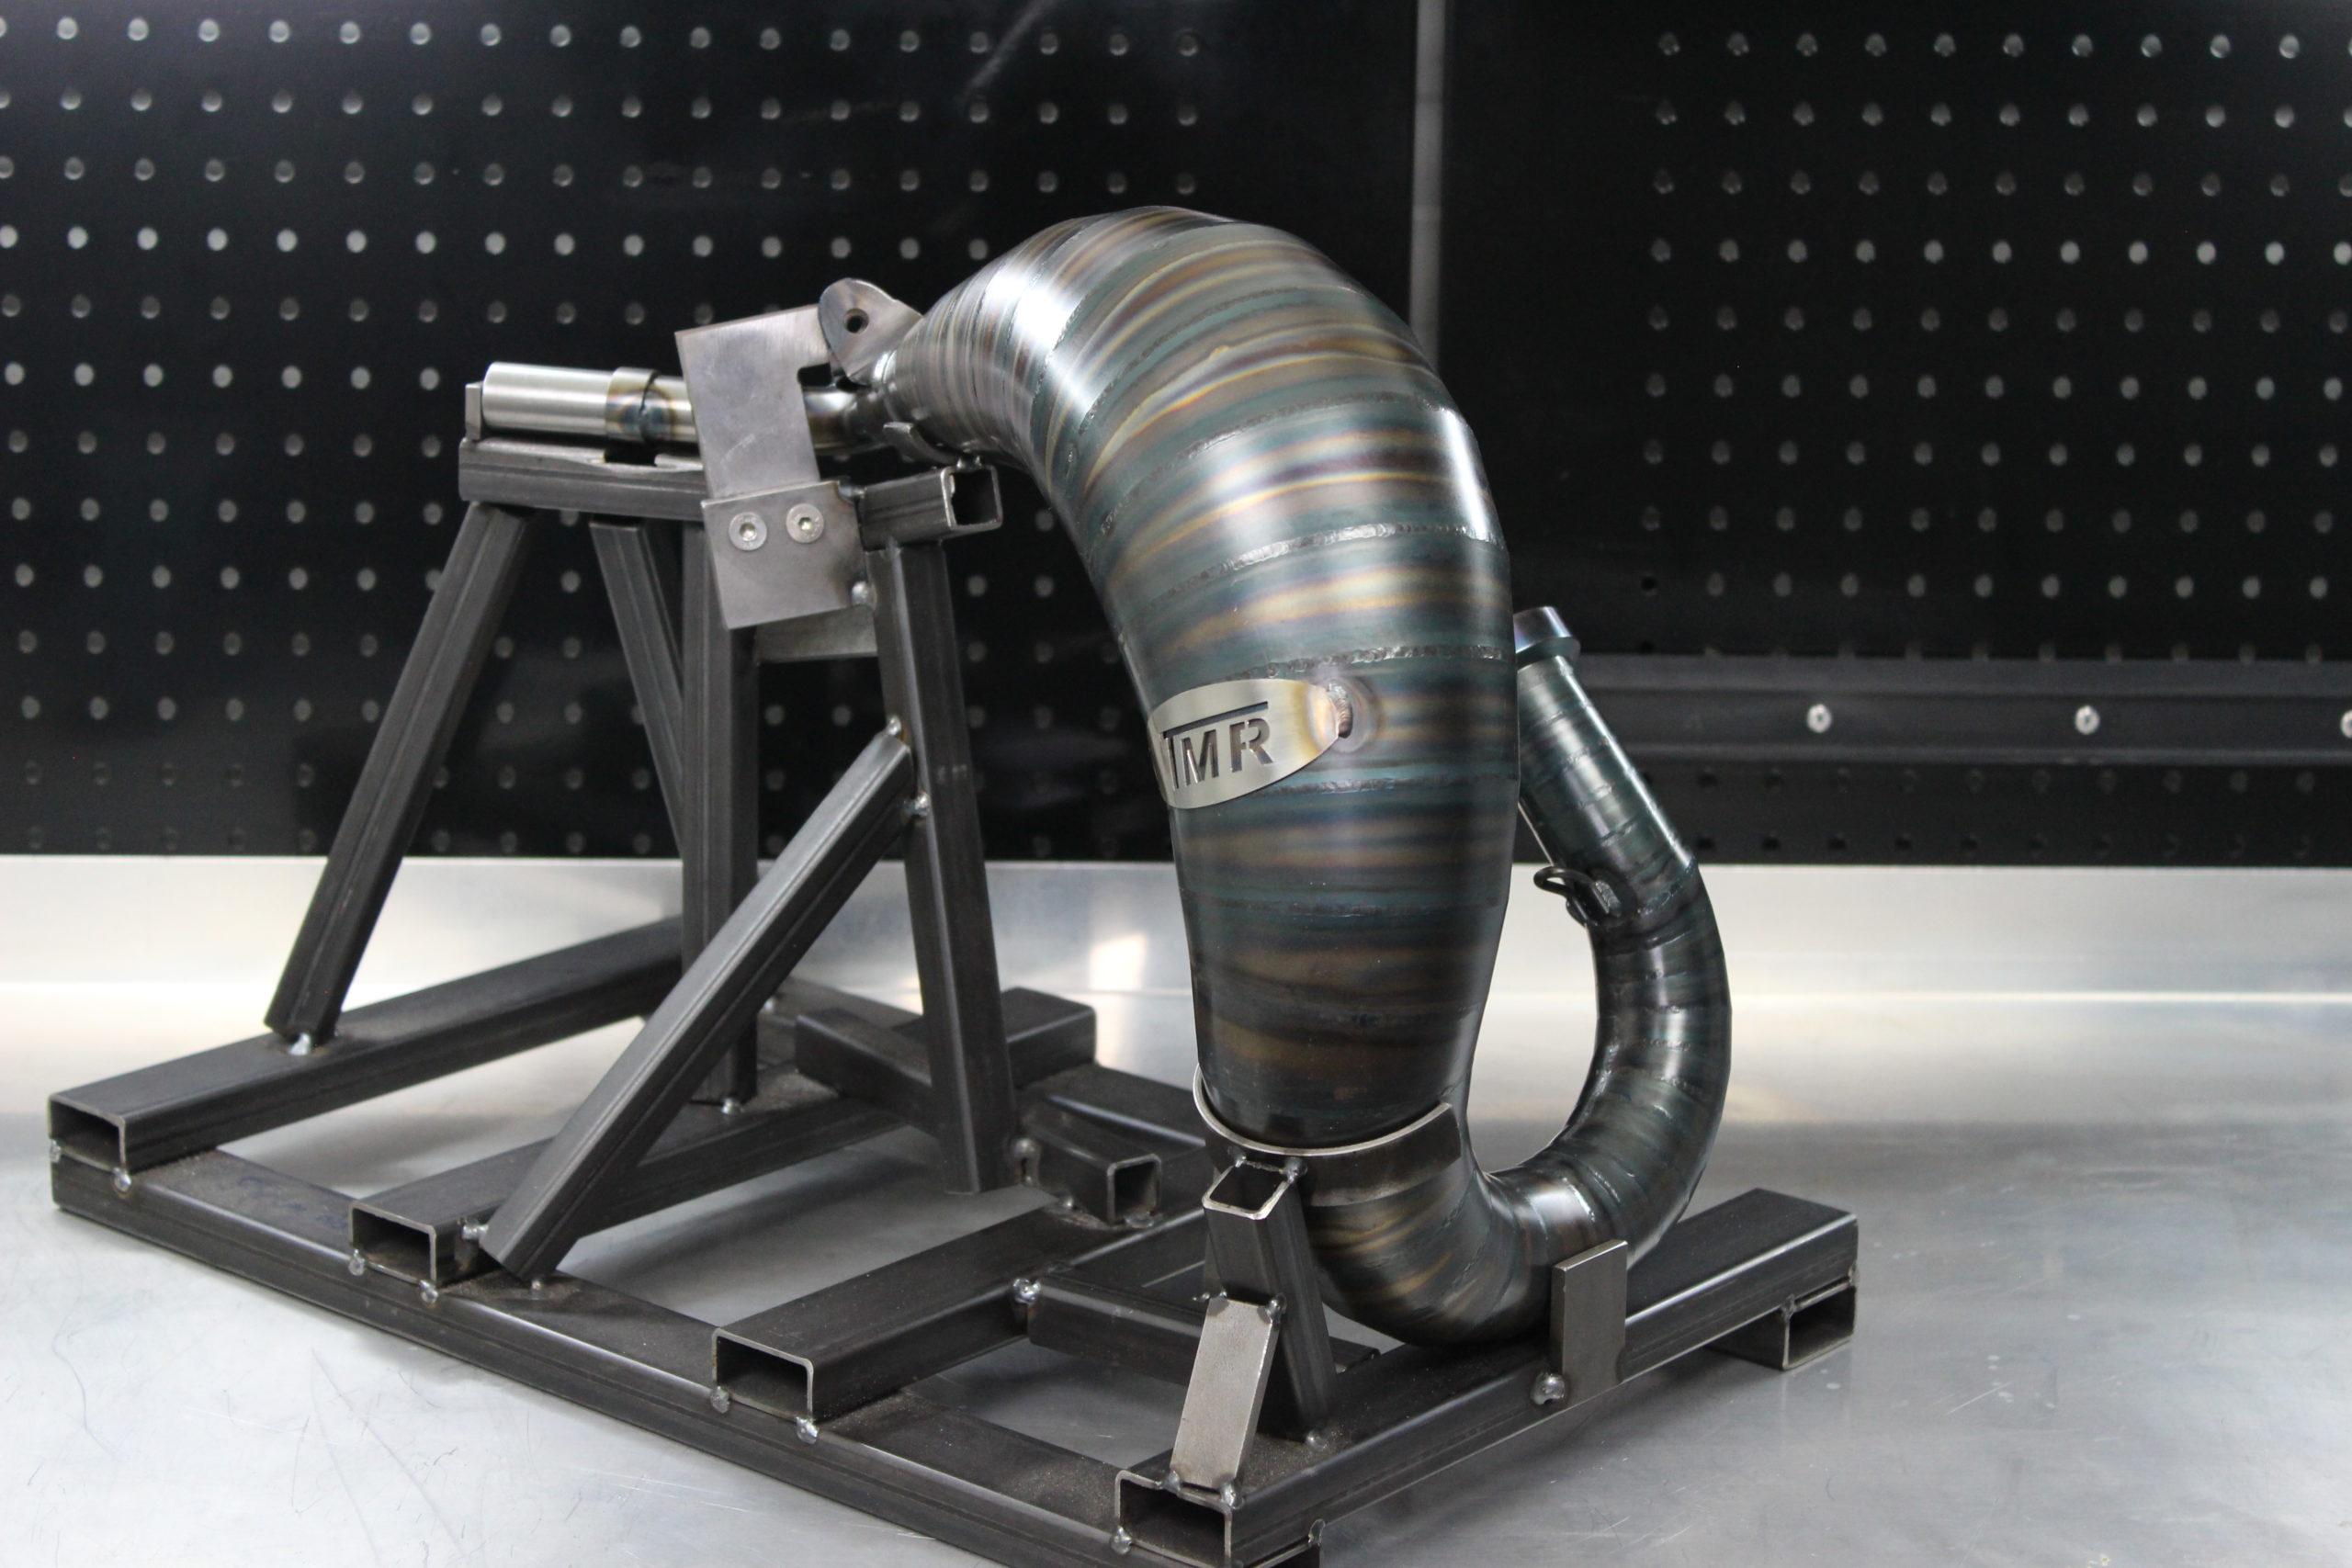 Tmr Performance Parts Ktm Husqvarna 85ccm Auspuffanlage ab 2018 Ansicht 2